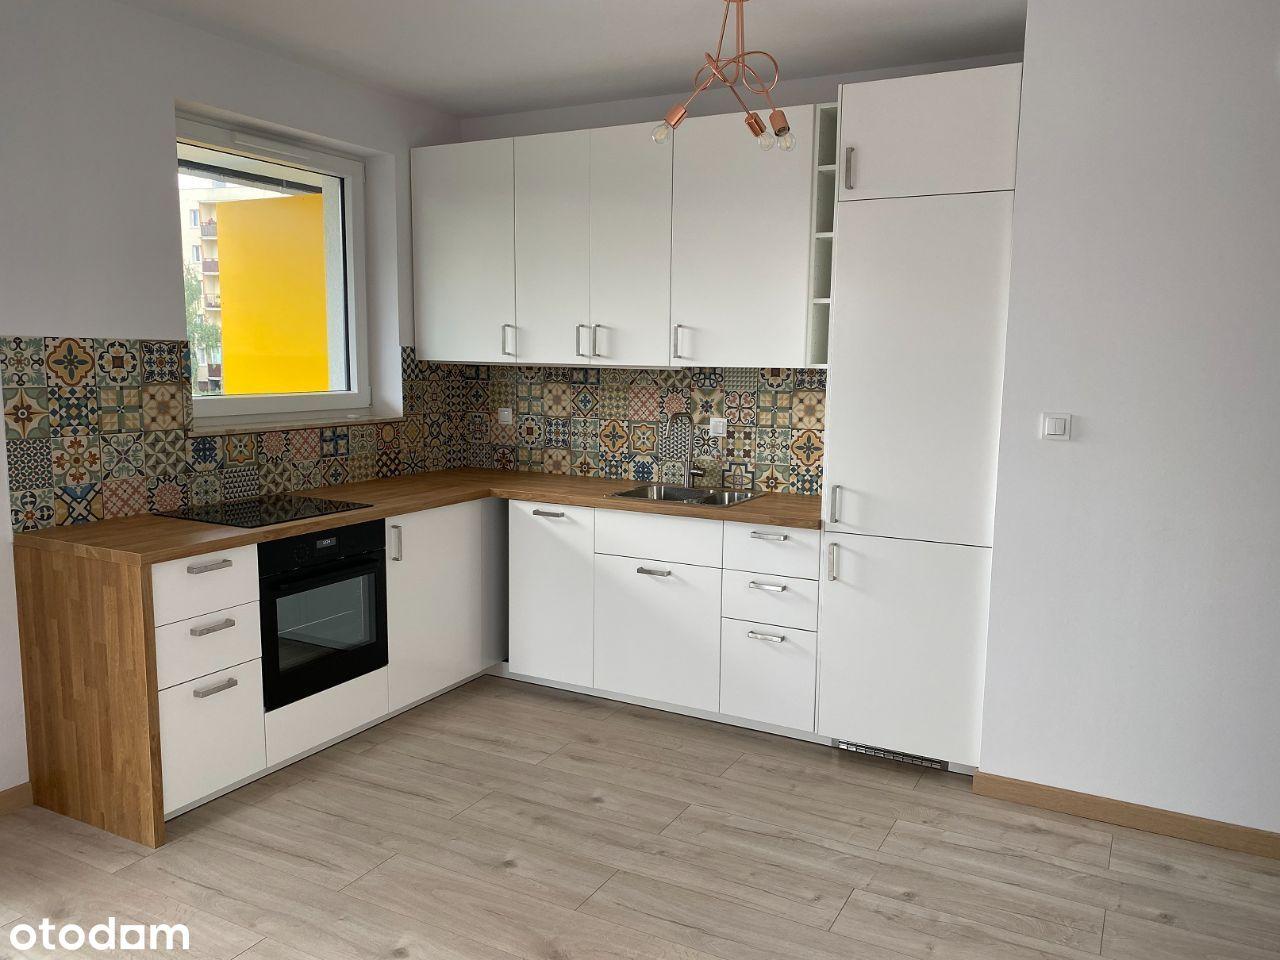 Okazja! Nowe mieszkanie z dużą loggią! 56m2+32m2